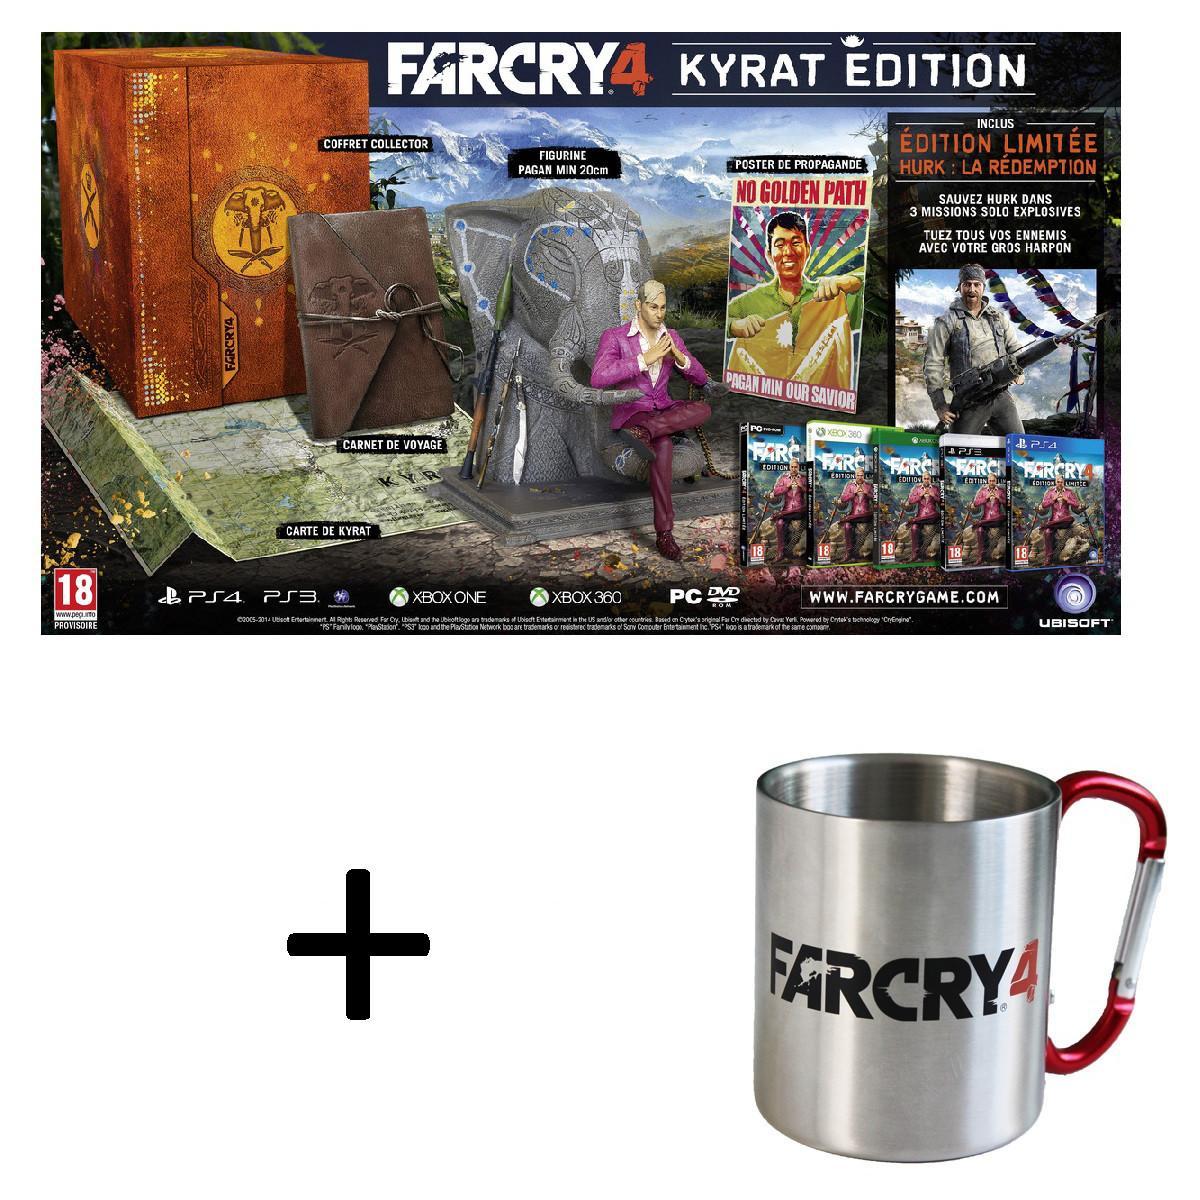 Far Cry 4 Kyrat Edition (Collector) + Mug offert PC/PS3/360 à partir